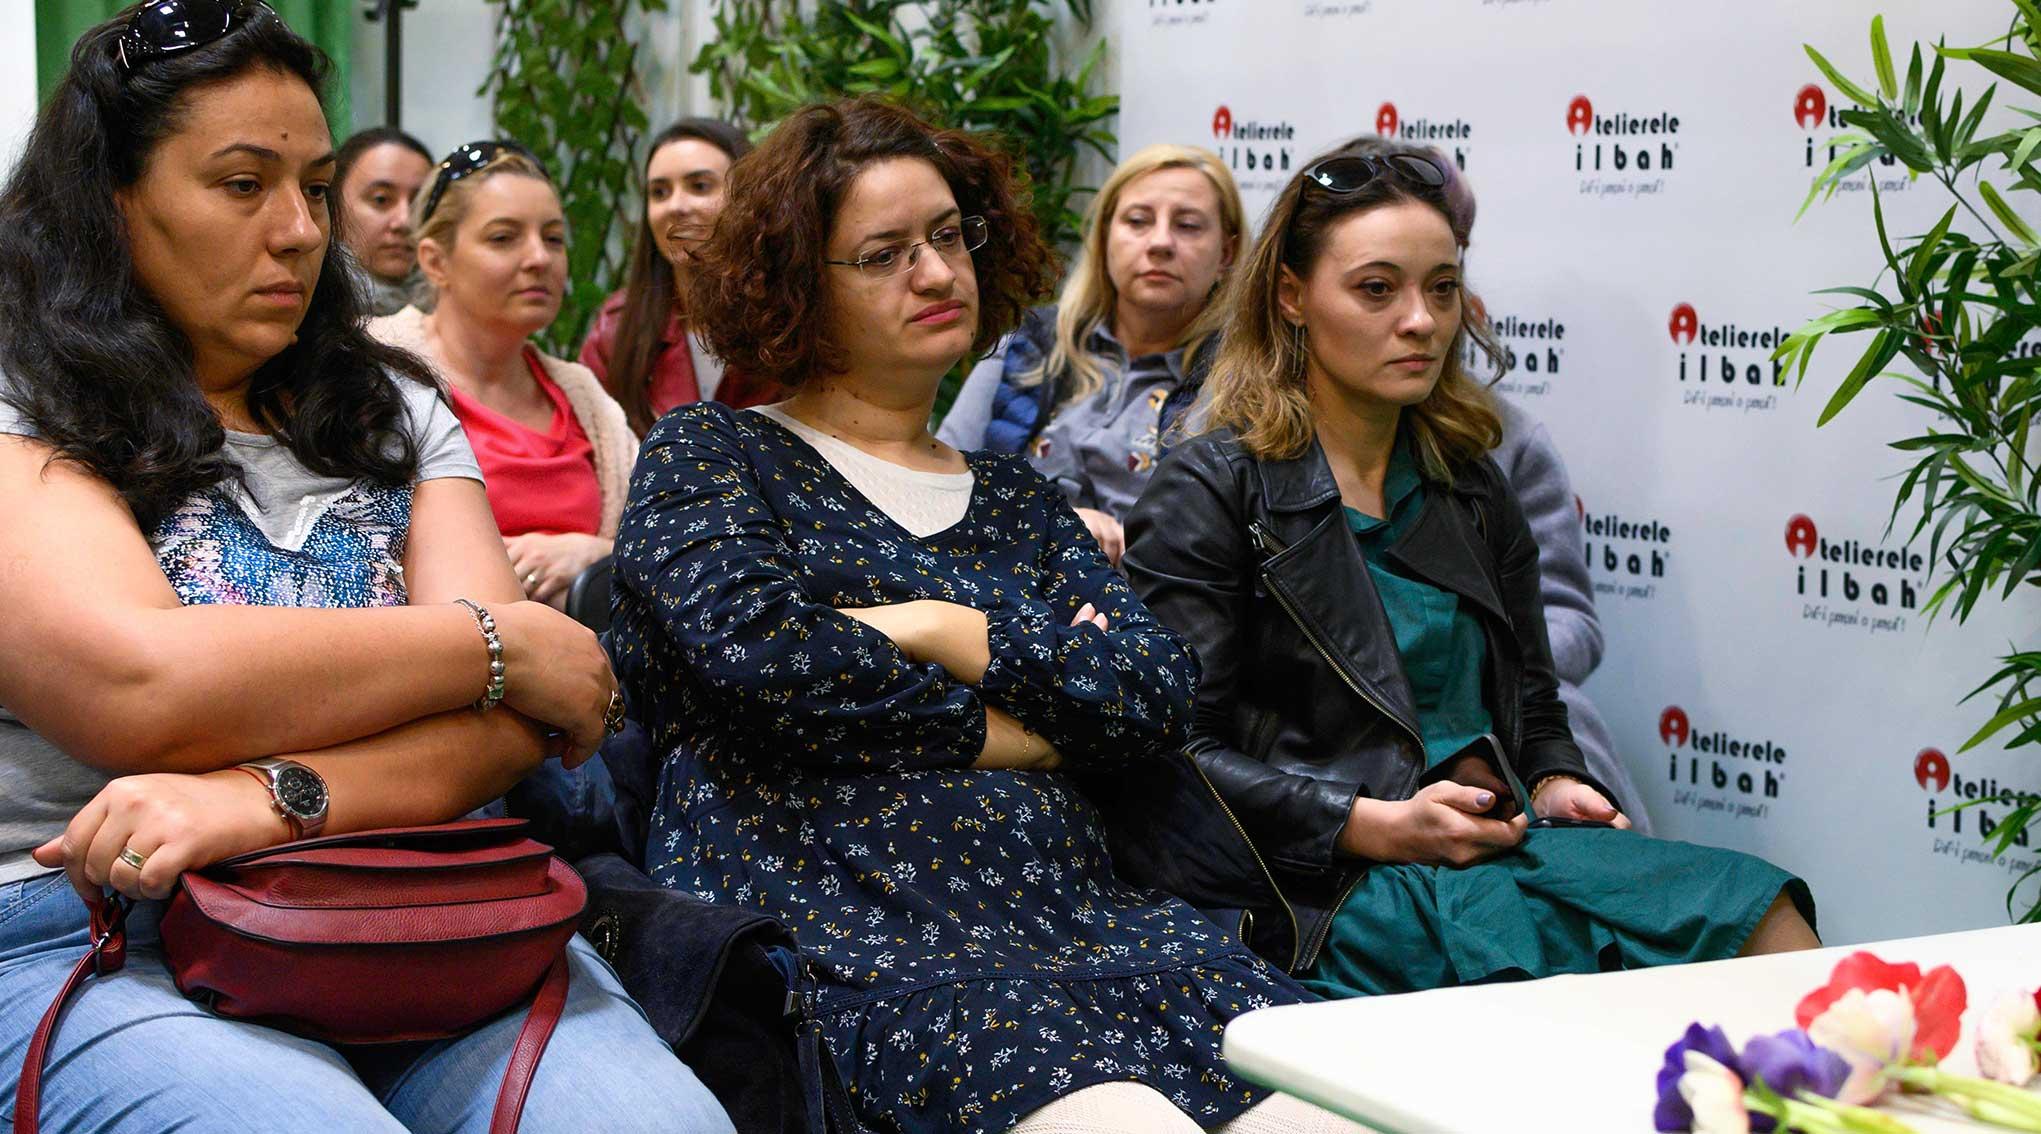 workshop-uri-demonstratii-si-conferinte-marca-atelierele-ilbah-pe-parcursul-a-4-zile-in-cadrul-romexpo-60